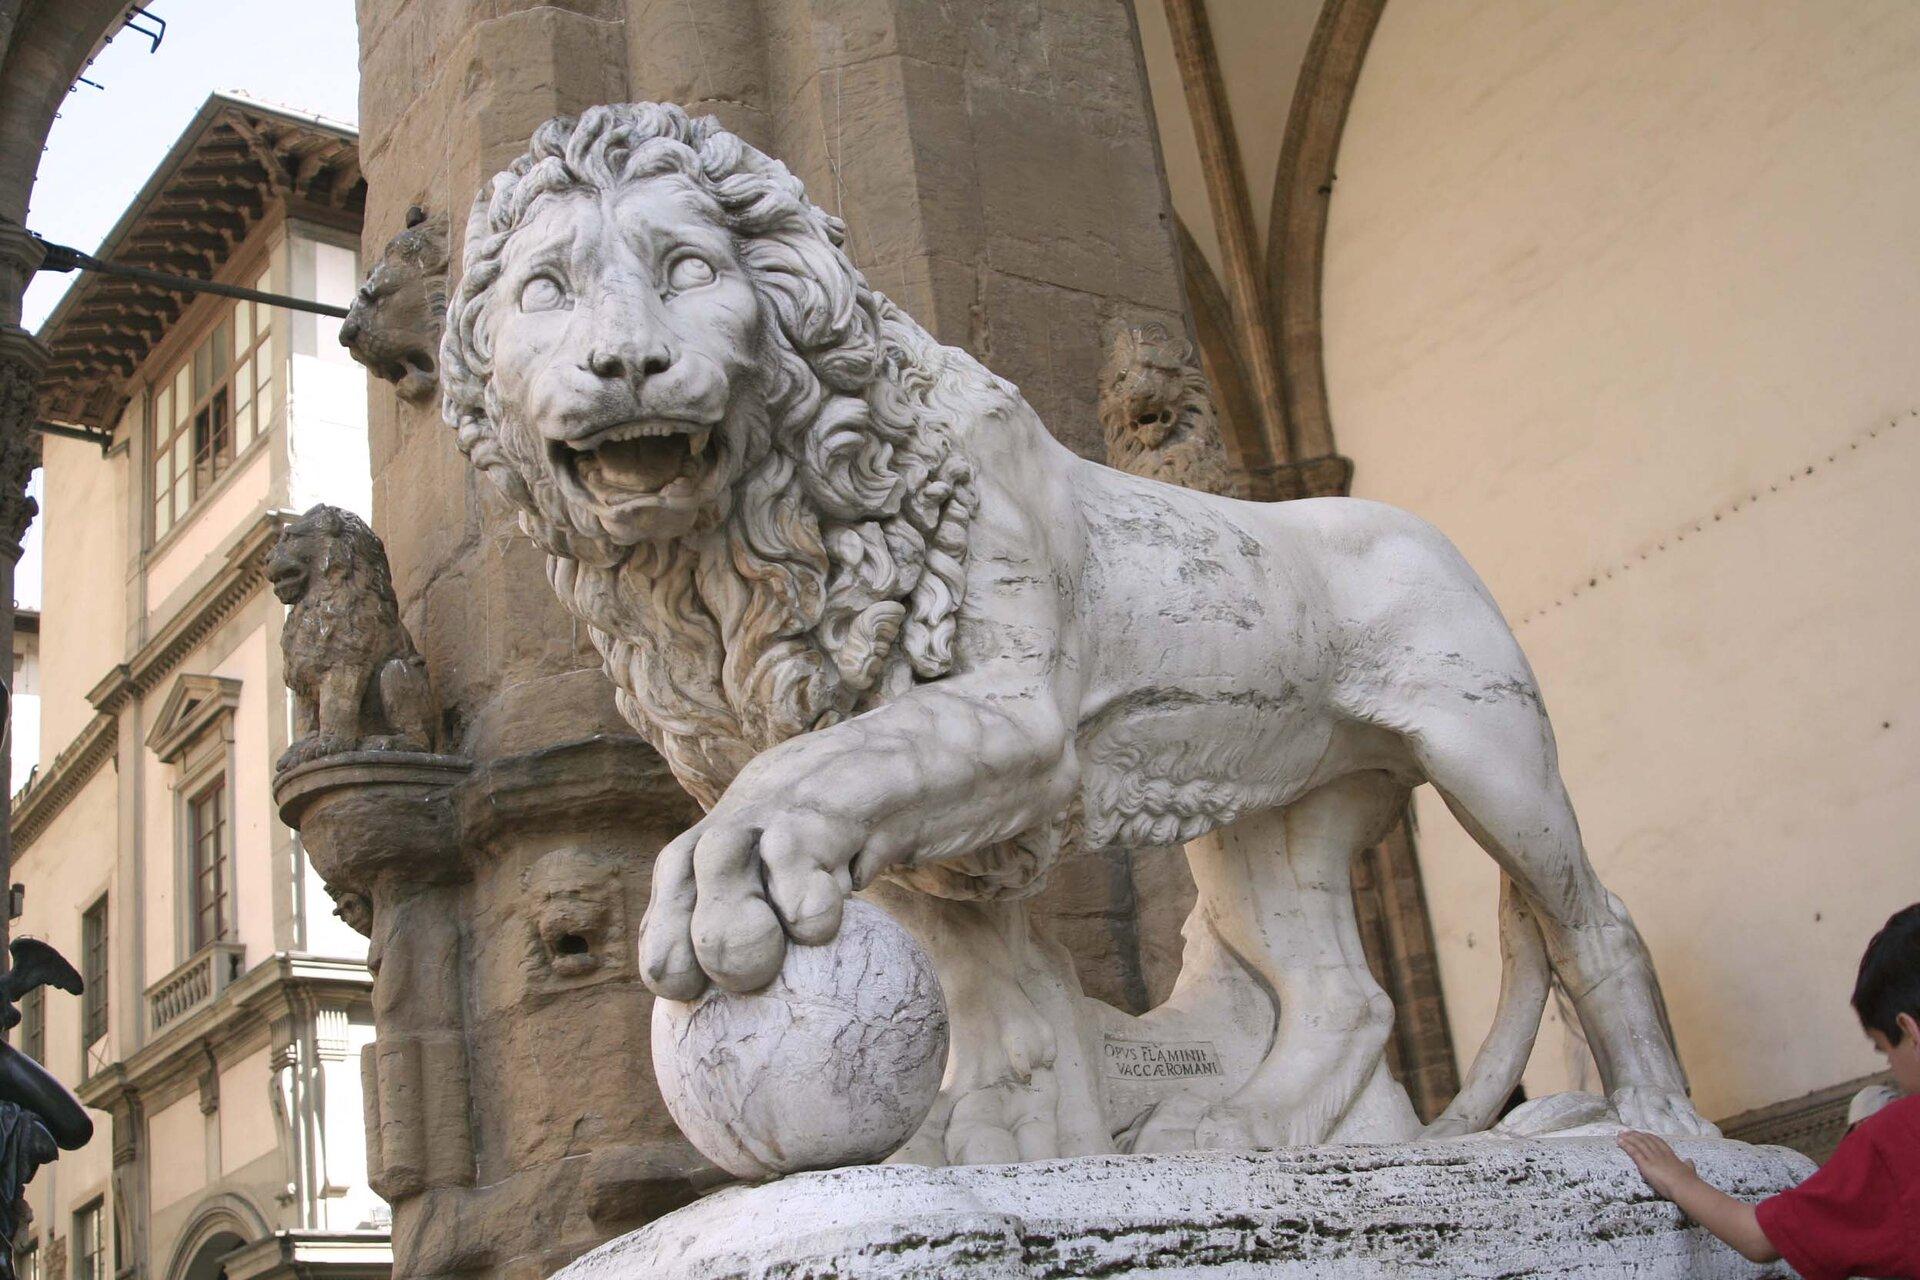 """Ilustracja przedstawia rzeźbę Flaminio Vaccim """"Lew"""". Ukazuje lwa stojącego na cokole obujnej grzywie zgłową odwróconą wlewą stronę, otwartą paszczą. Zwierzę trzyma łapę na kuli. Wtle widoczna jest zabudowa architektoniczna."""